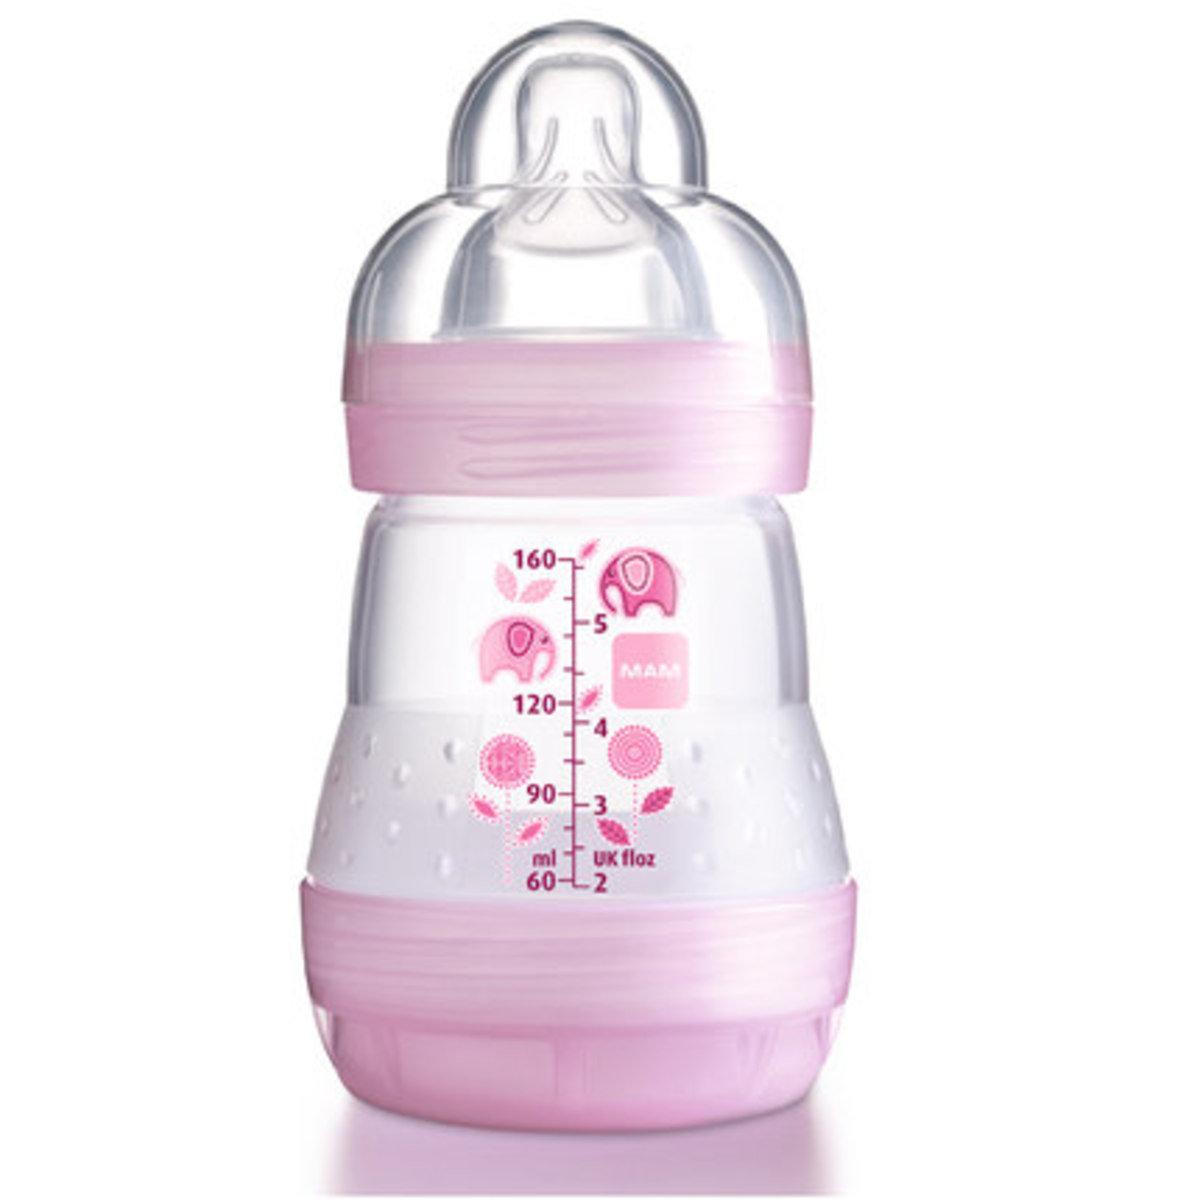 防脹氣奶瓶160ml-粉紅